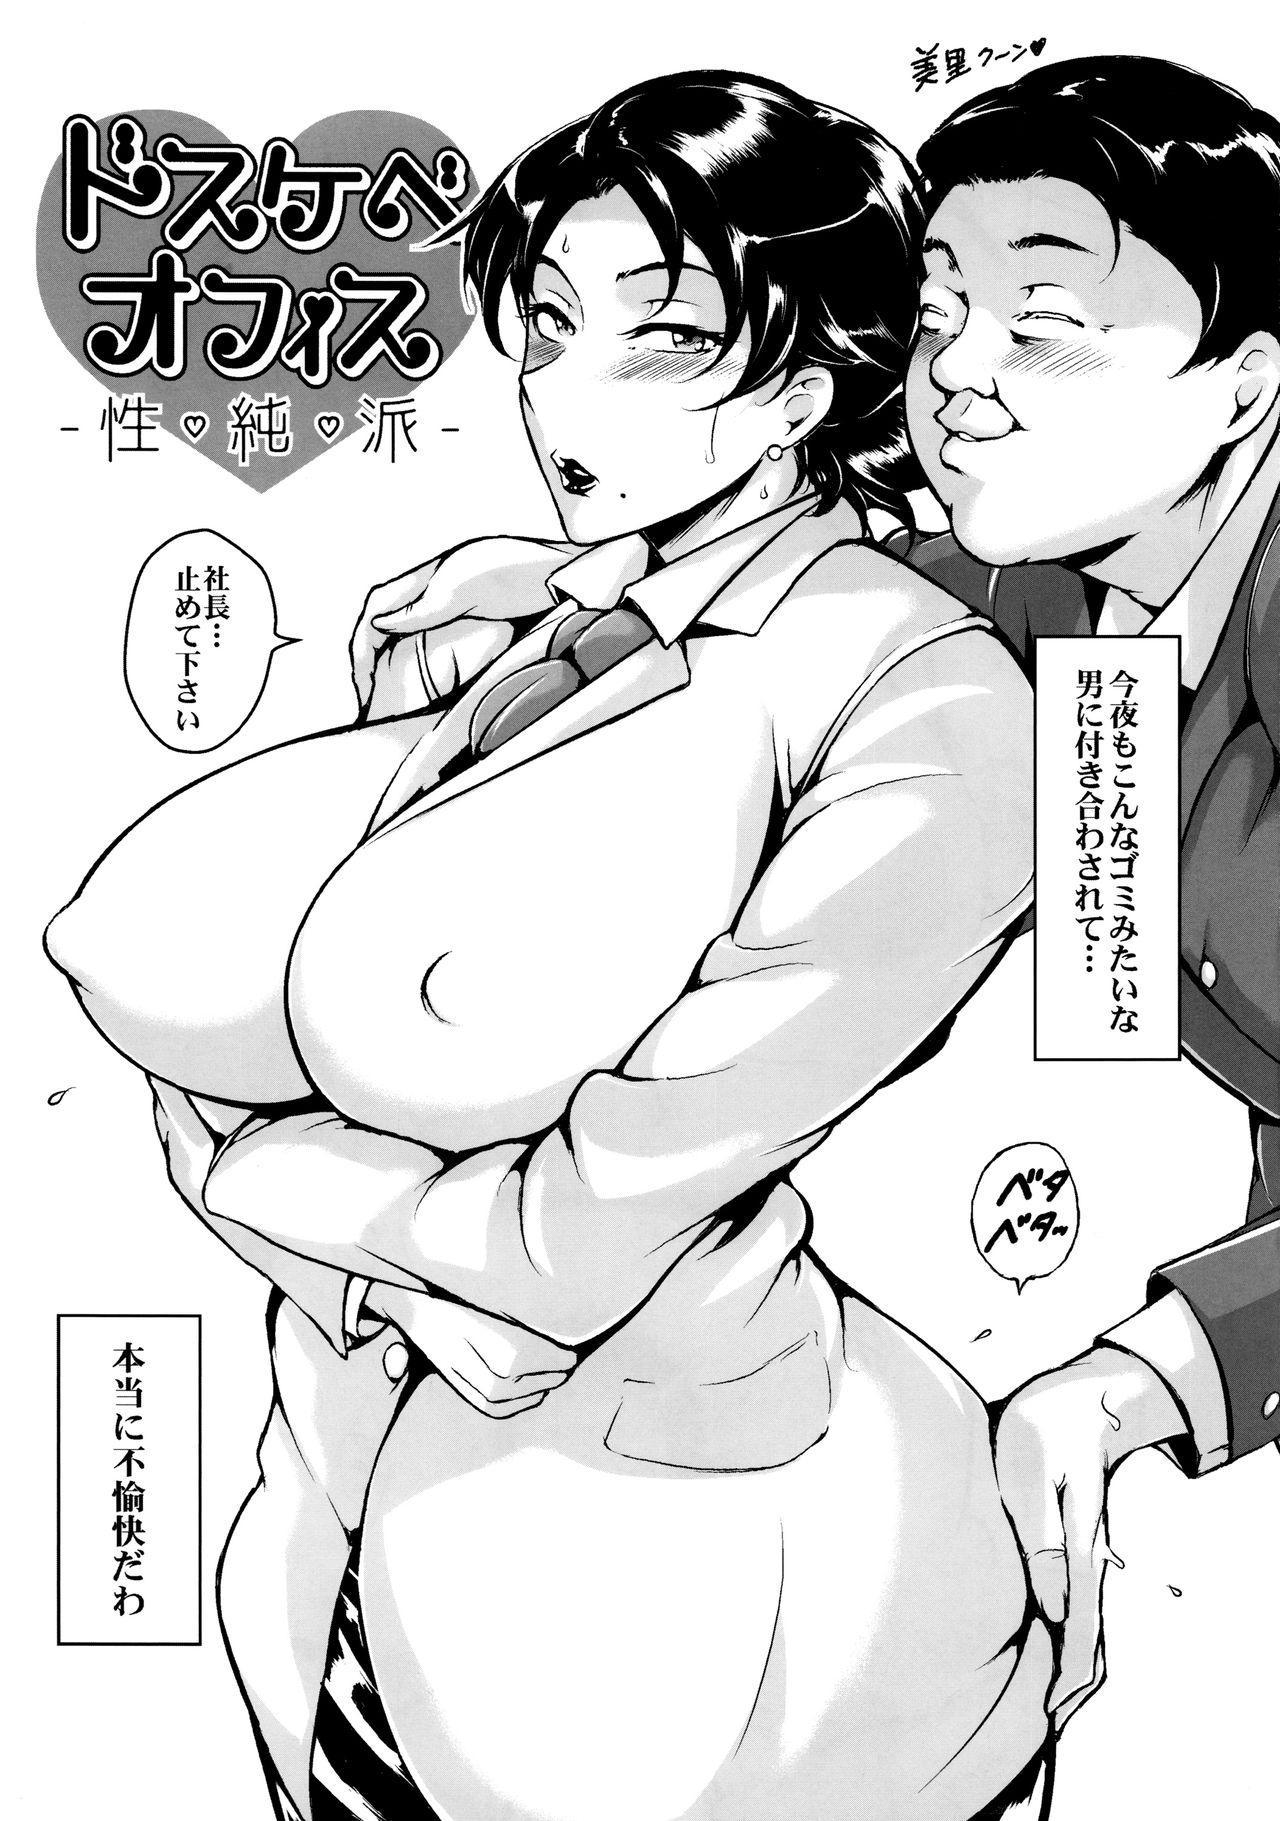 Ero BBA ♥ Dosukebe Ha Sengen 232